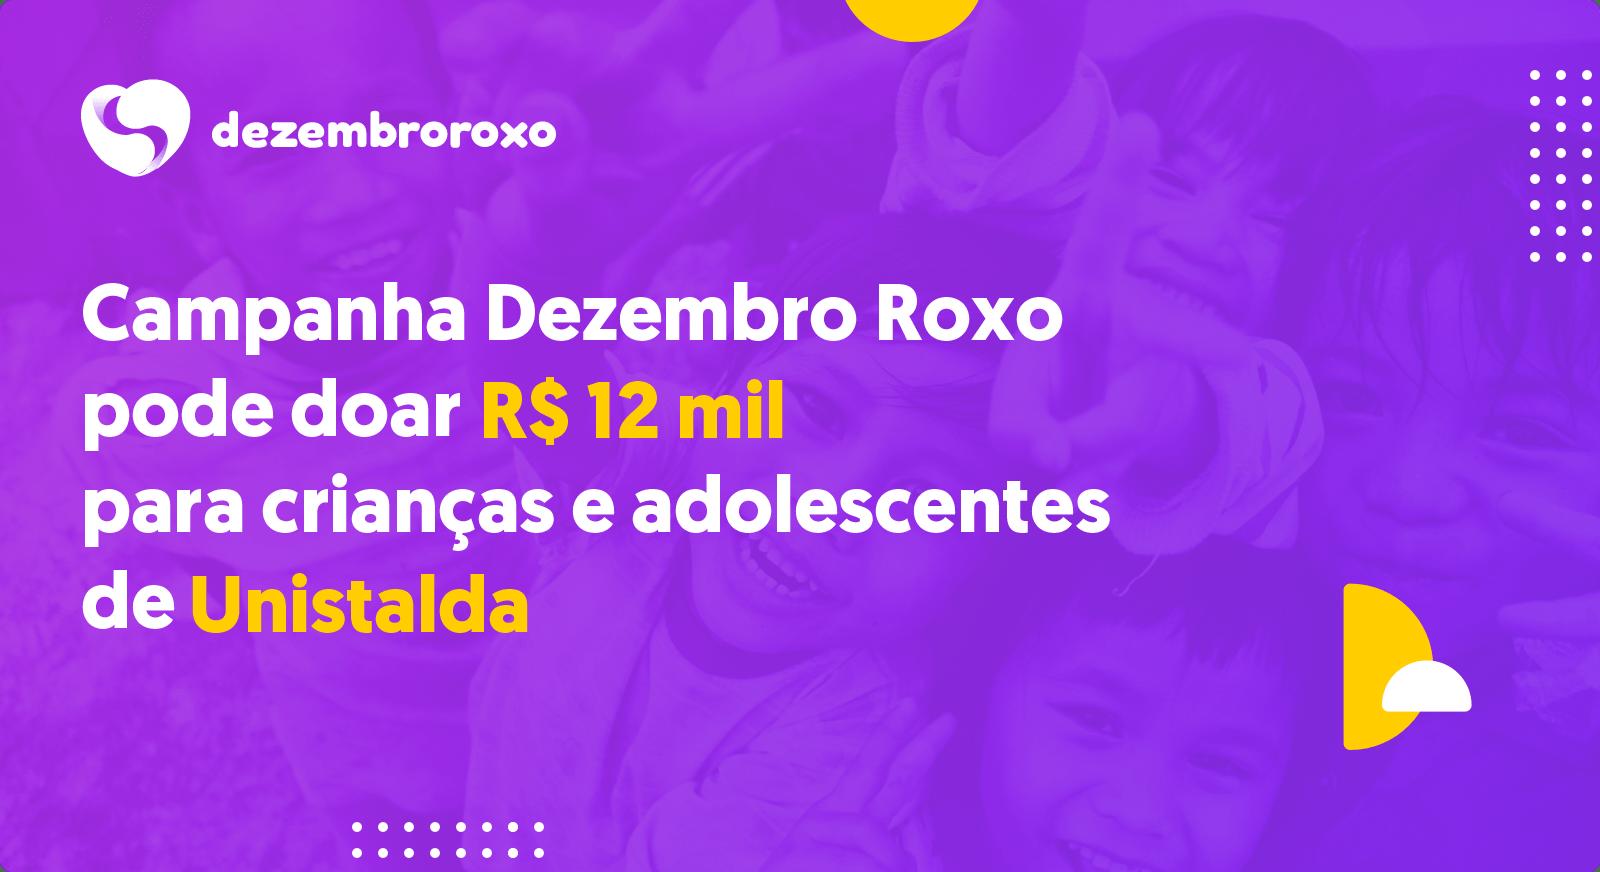 Doações em Unistalda - RS